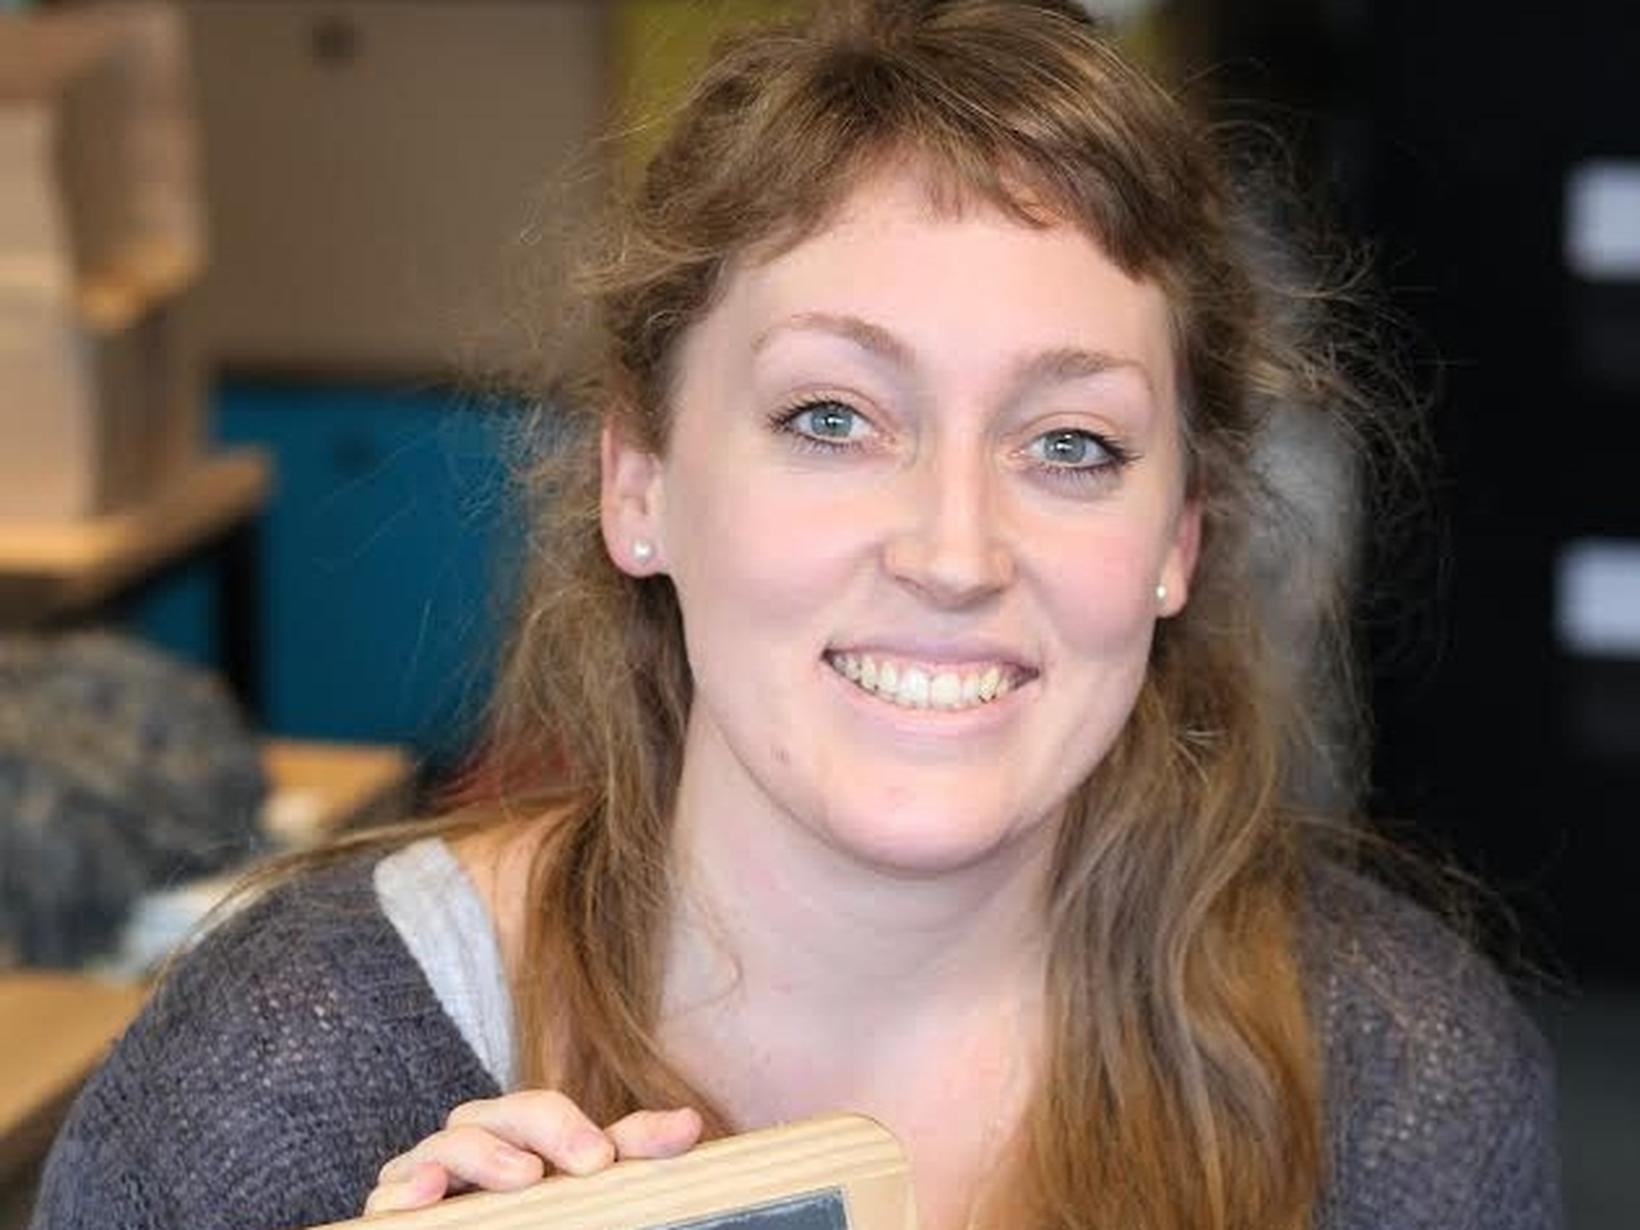 Robyn from London, United Kingdom